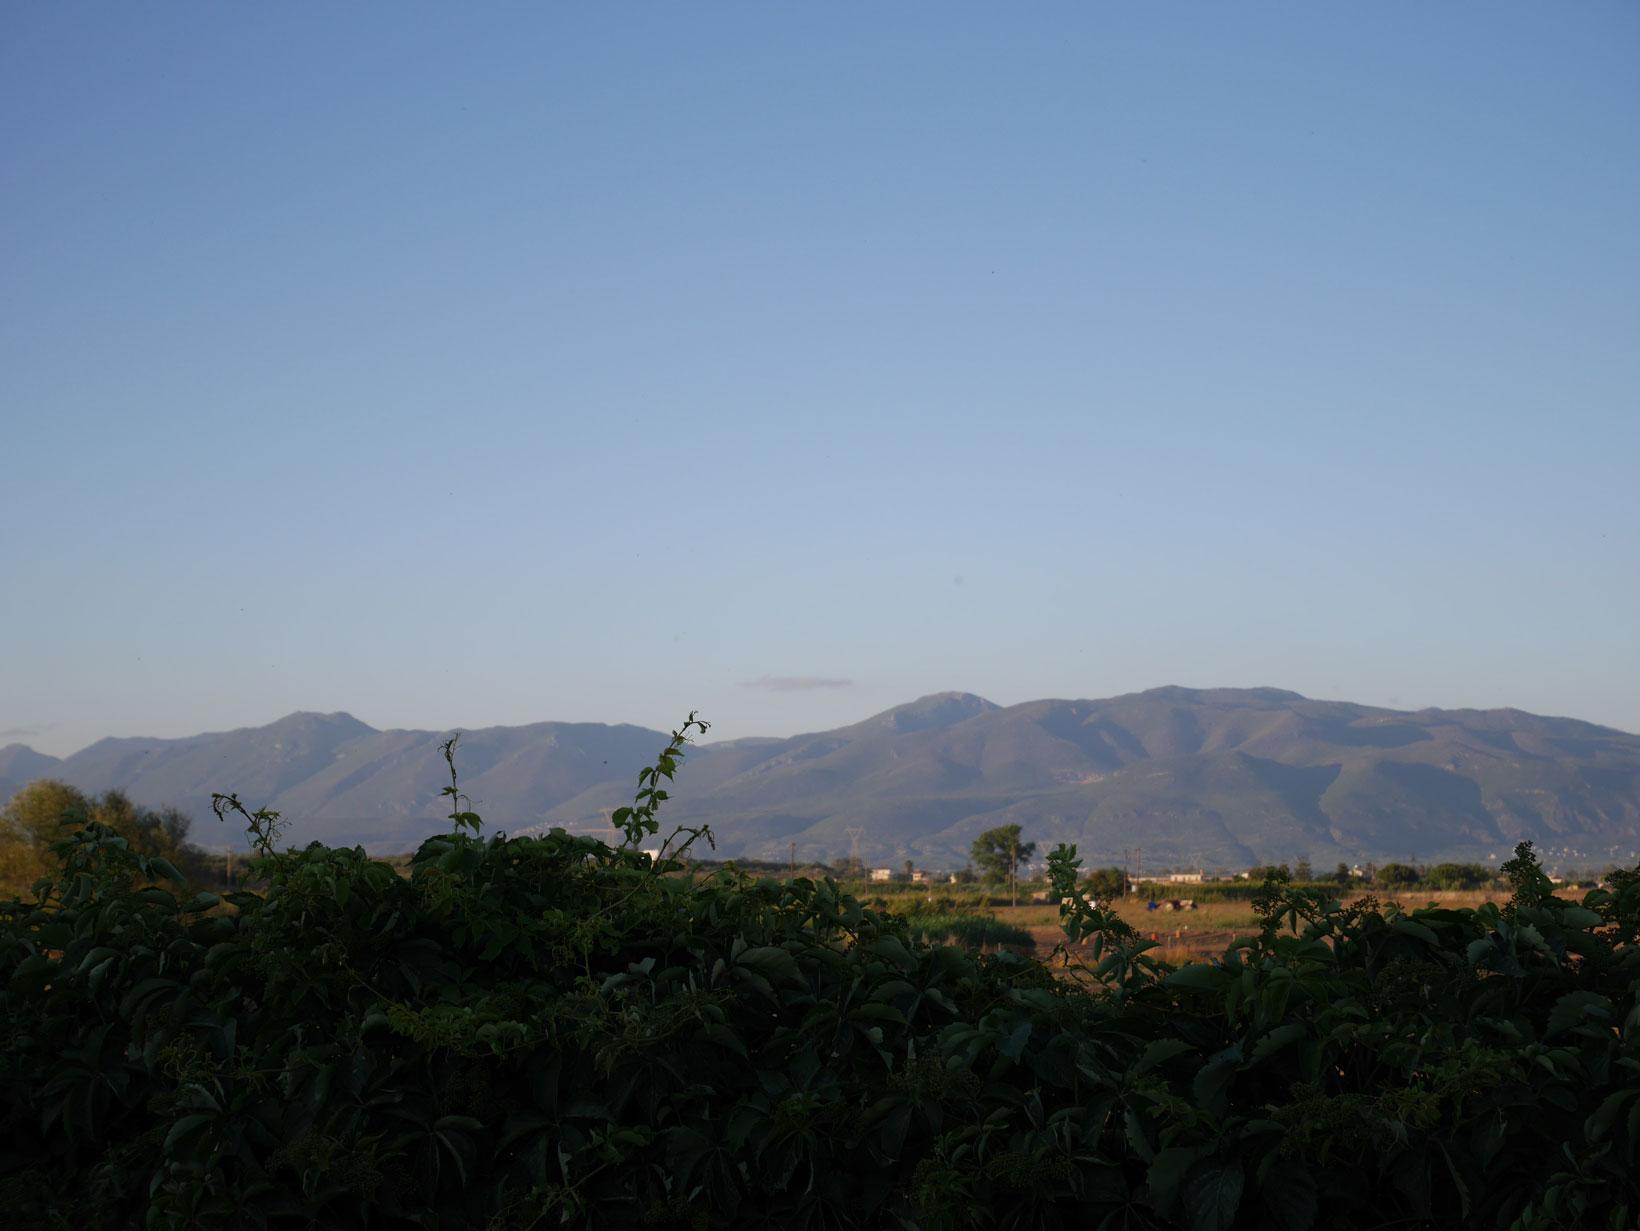 Gröna berg i horisonten – Kalamata ligger på fastlandet, drygt två timmars bilresa från Aten.